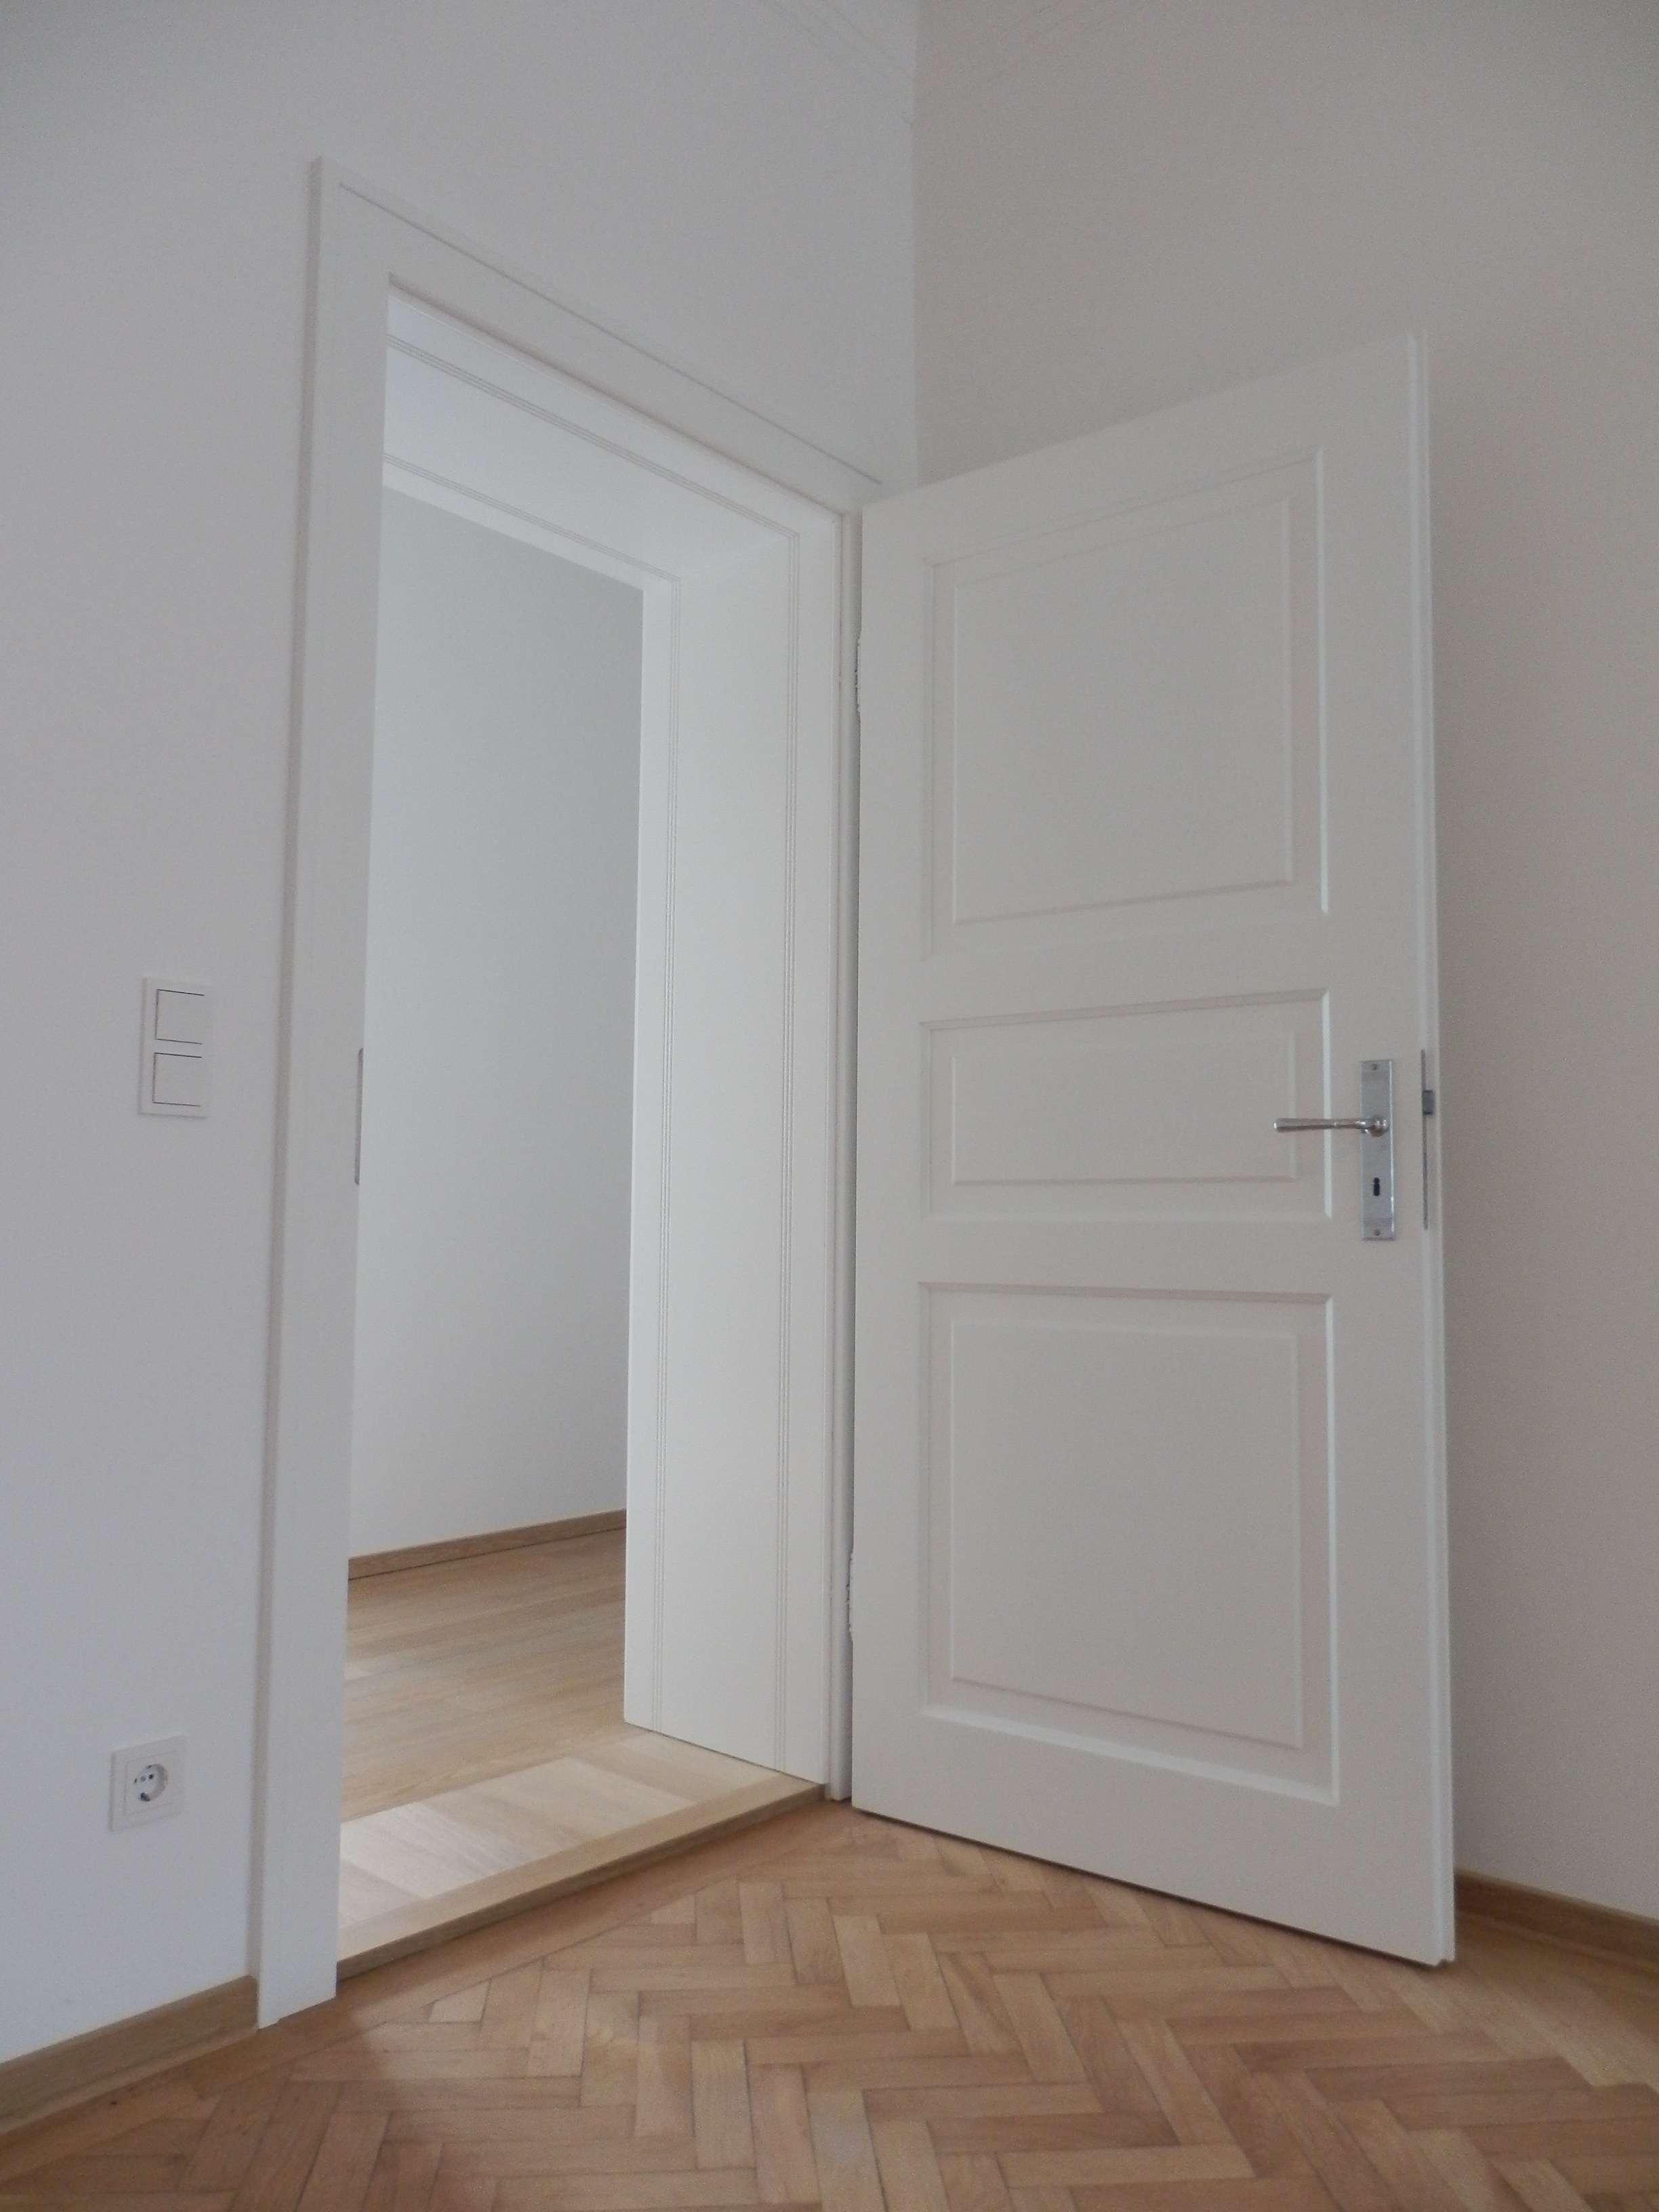 sanierung einer wohnung in m nchen schwabing immowert. Black Bedroom Furniture Sets. Home Design Ideas